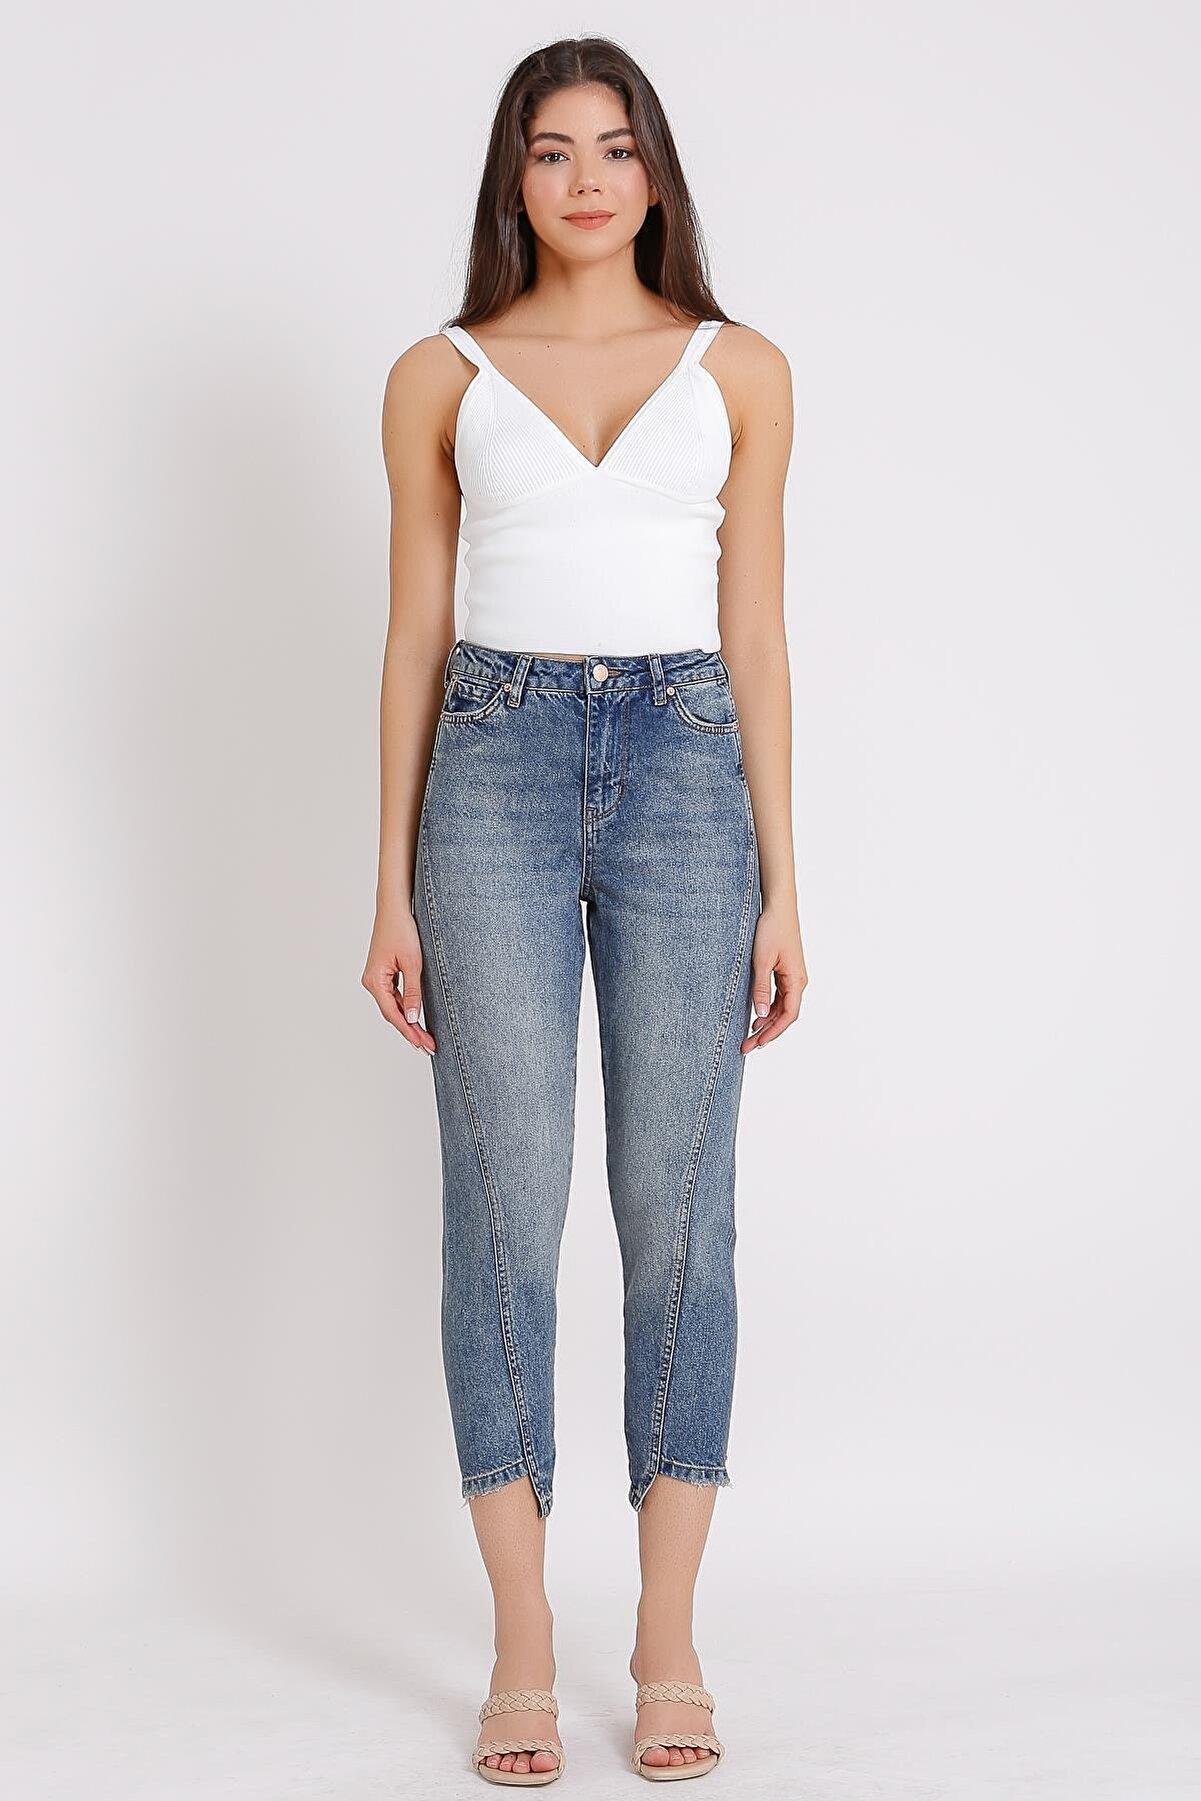 FAF Denim Kadın Mavi Yüksek Bel Kot Denim  Mom Jeans 2084